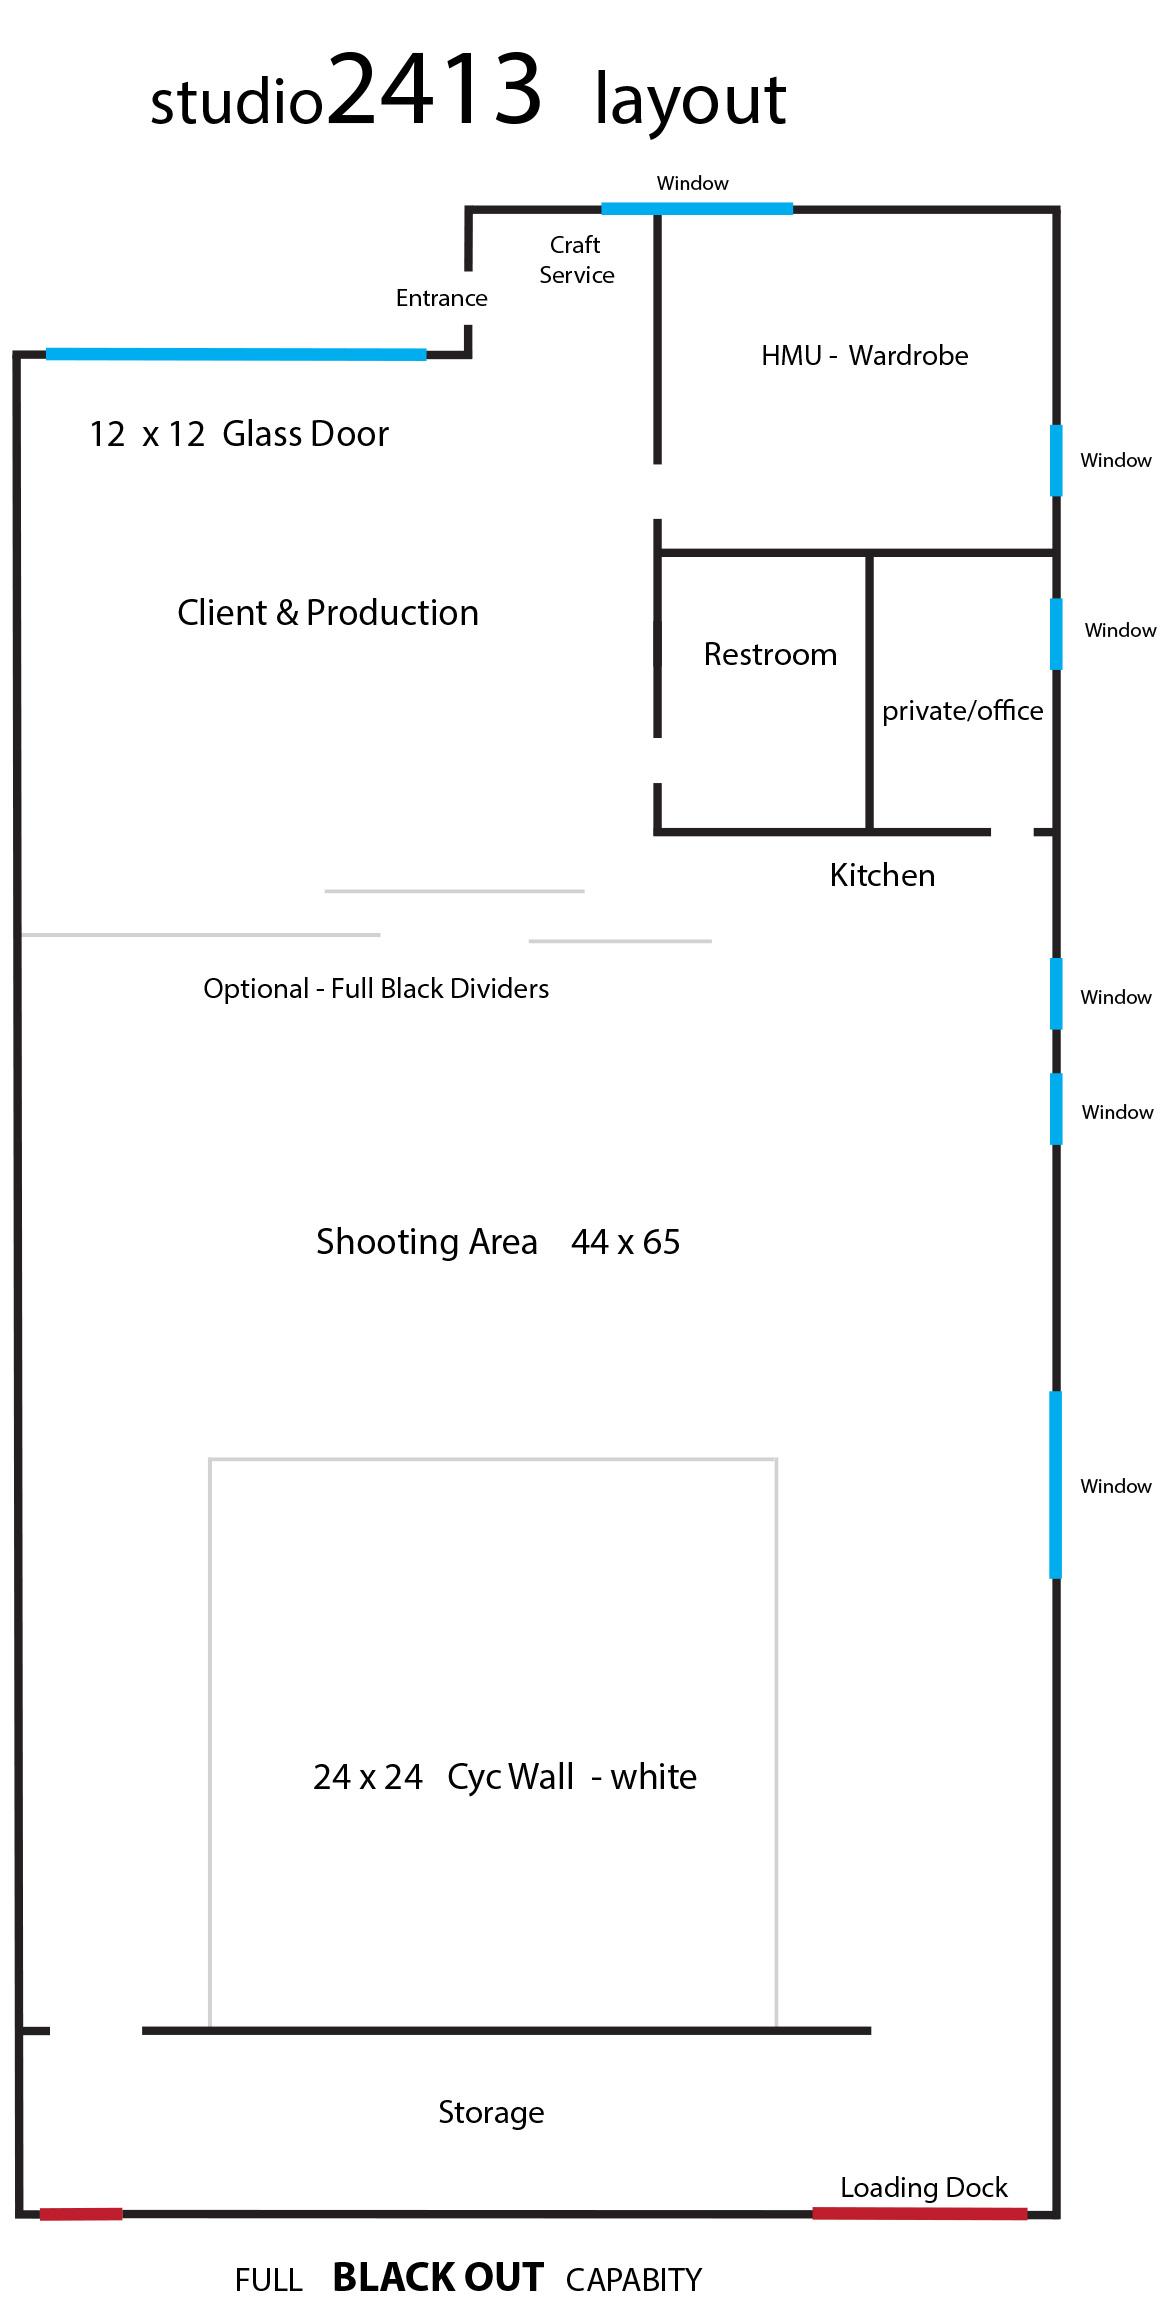 _studio2413_floor_plan.jpg